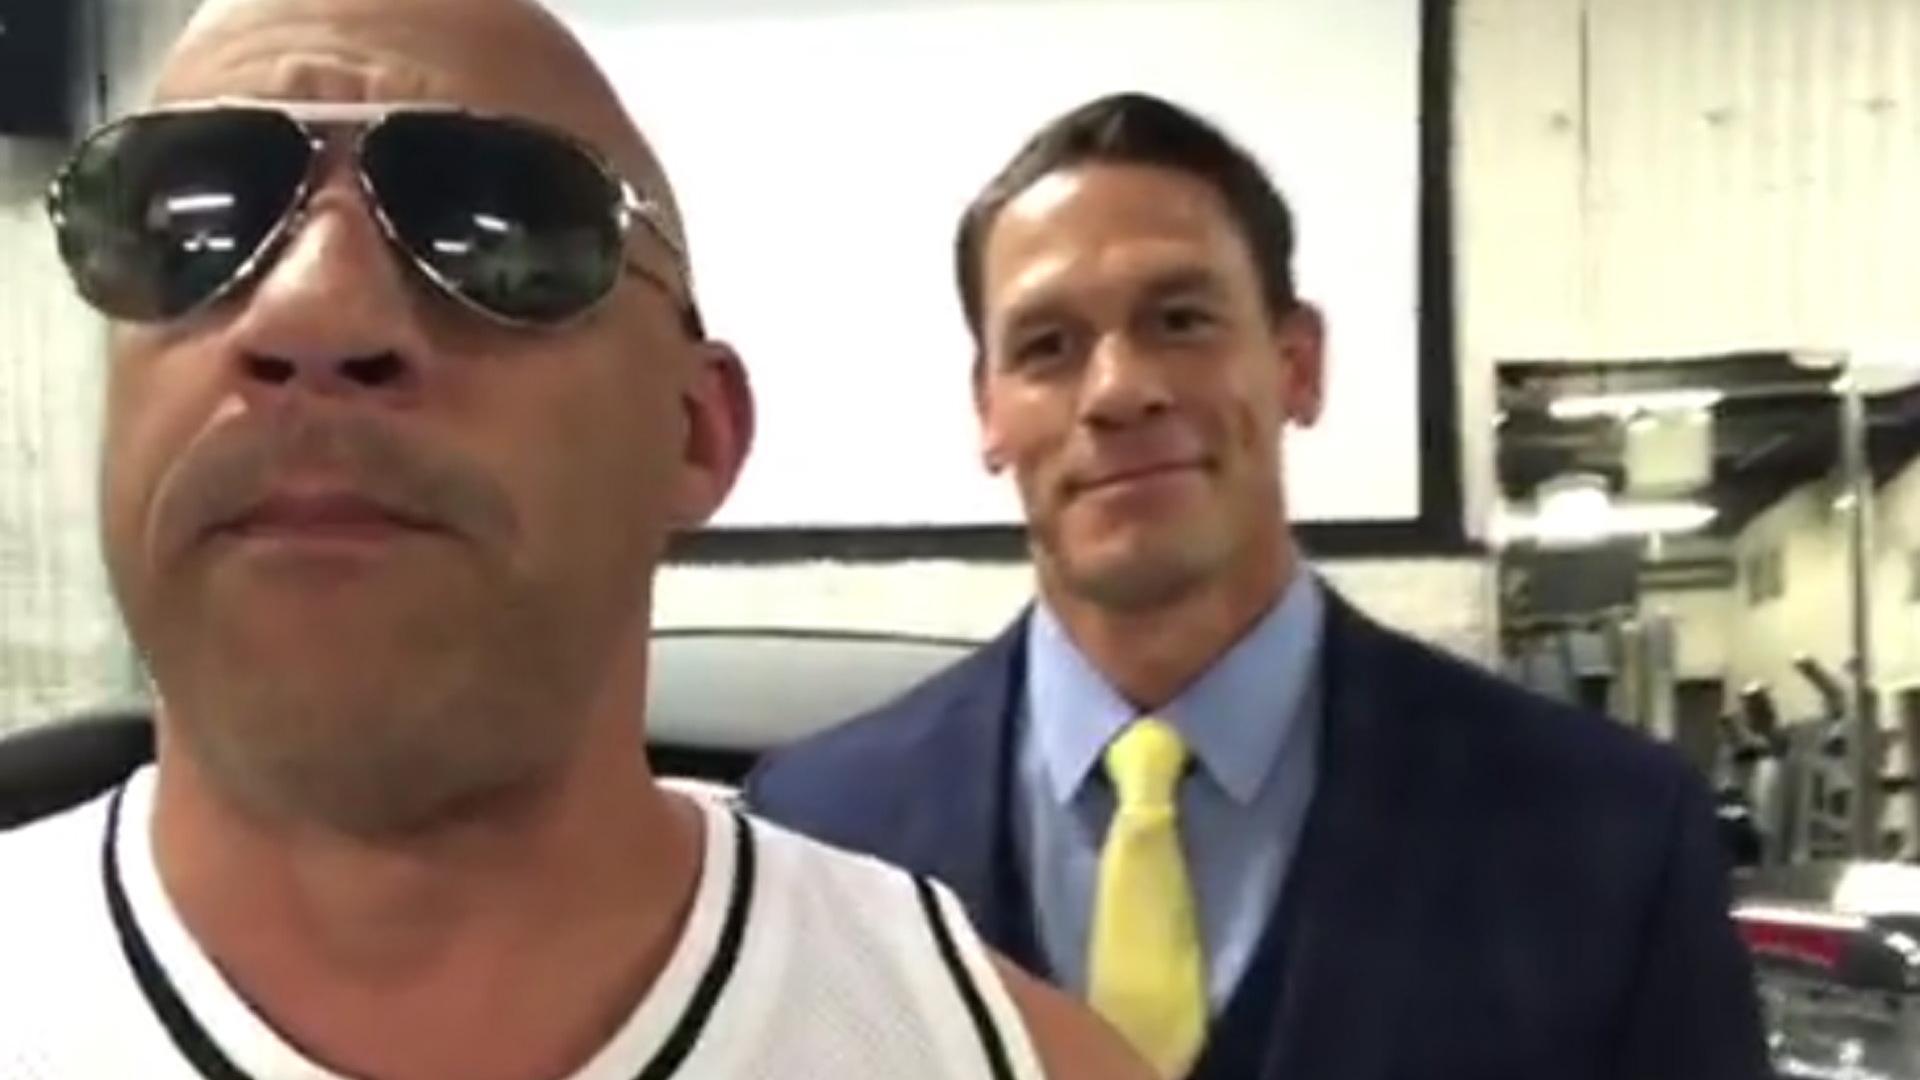 Vin Diesel (left) and John Cena